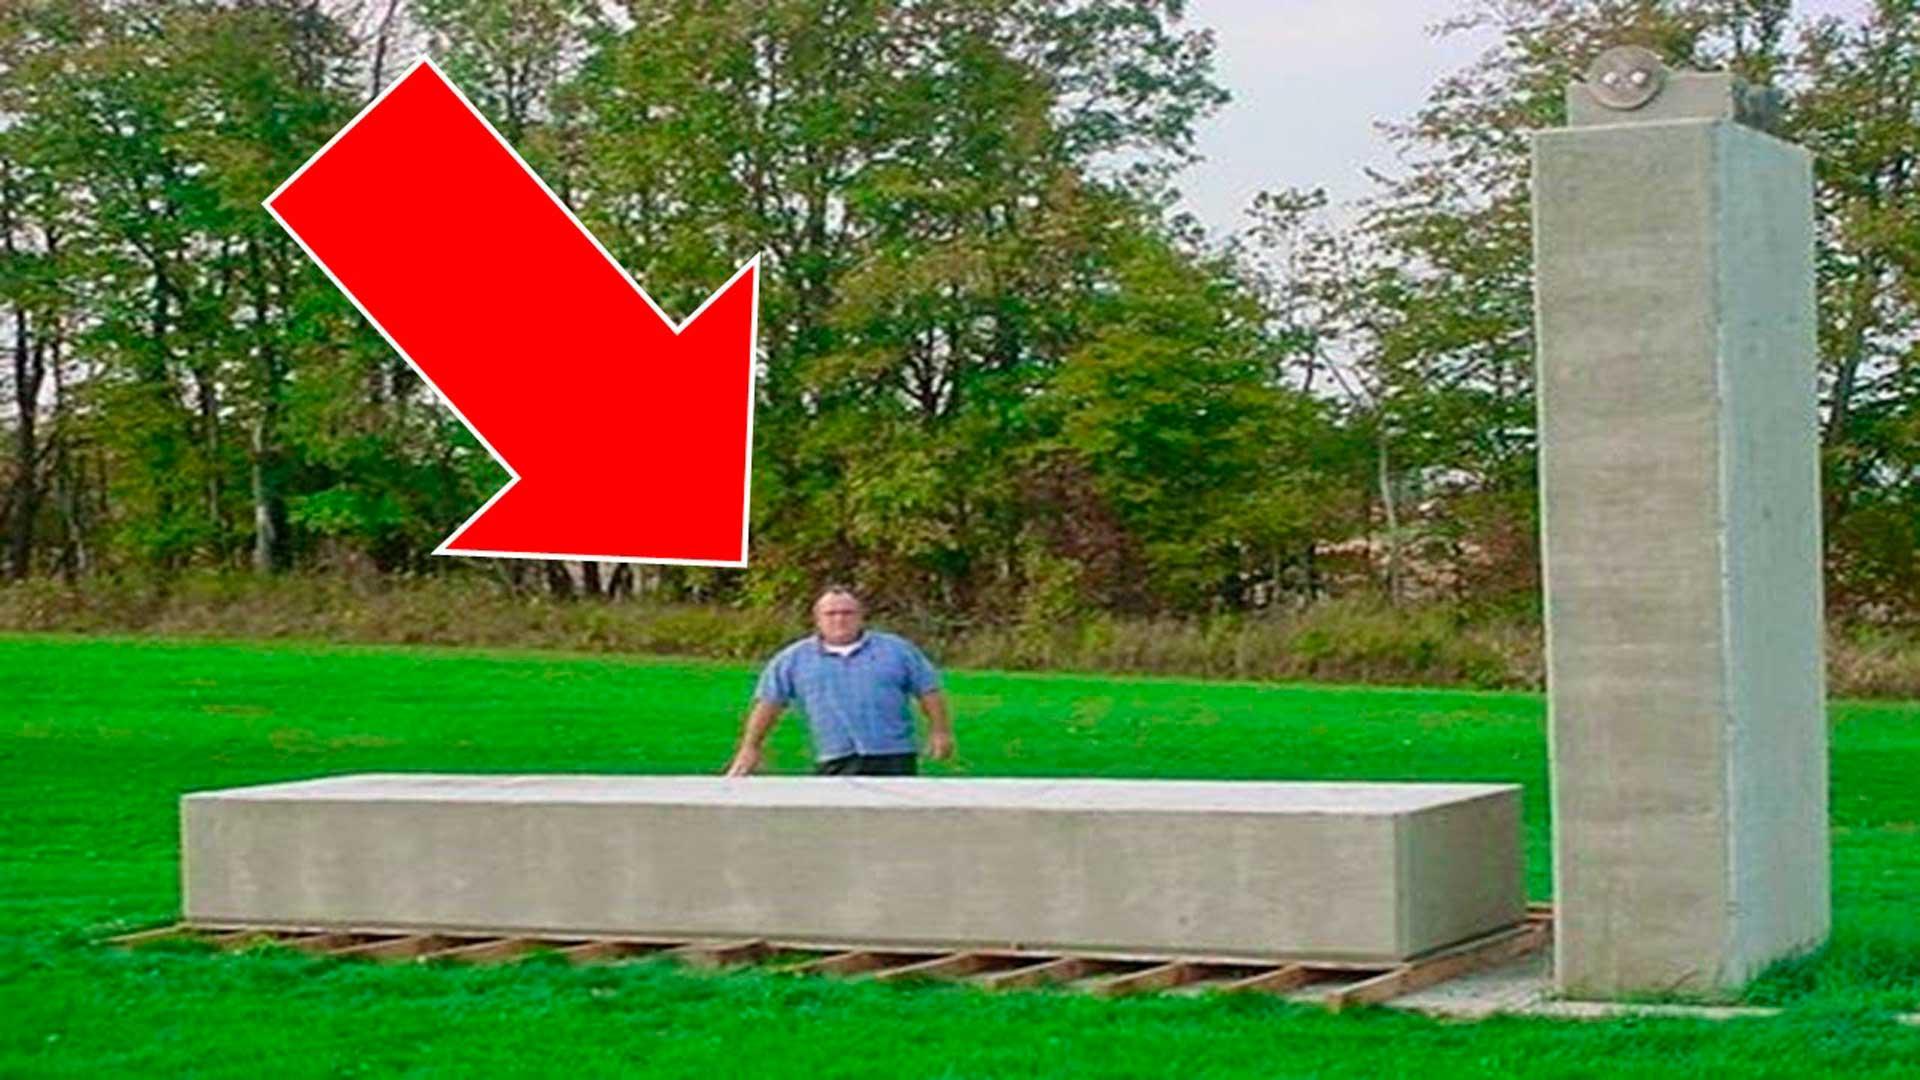 Increíble tecnología olvidada, este hombre levanta un bloque de 20 toneladas con una sola mano